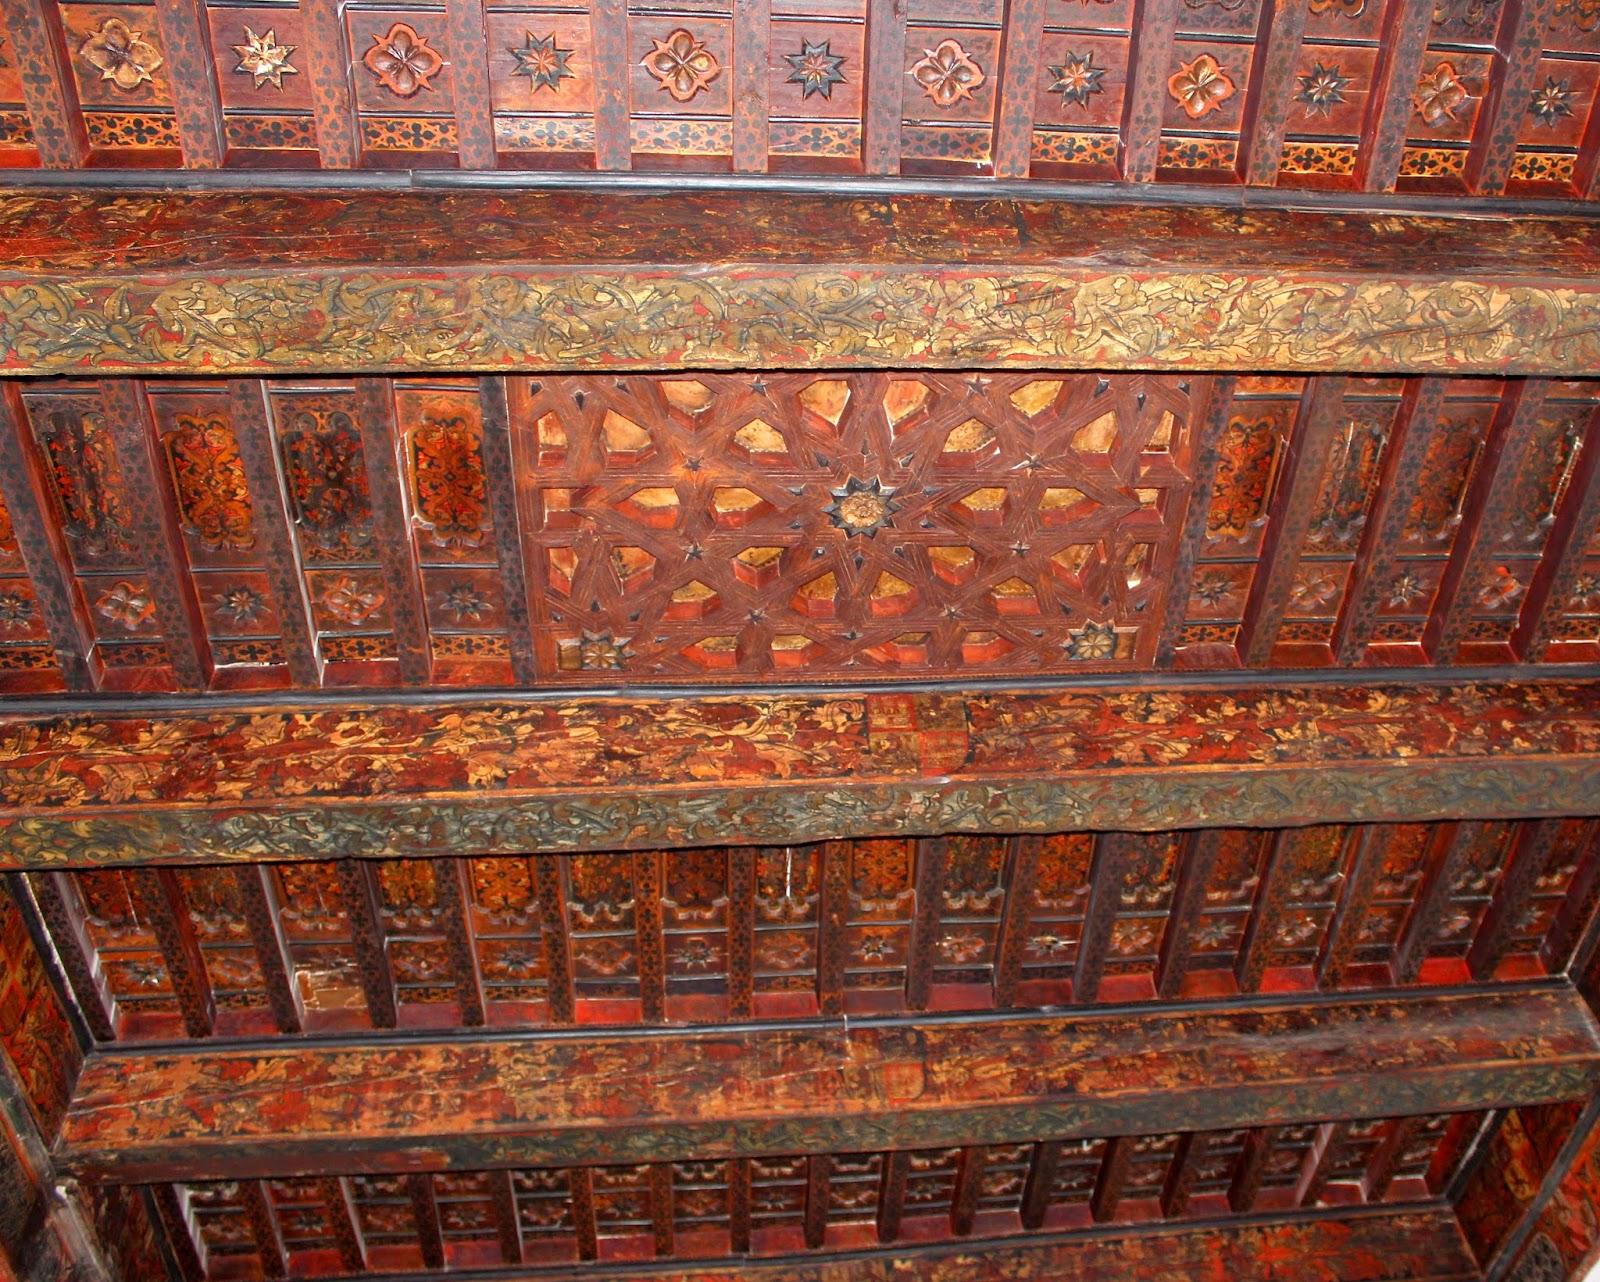 Artesonado del palacio de los Condestables en Jaén